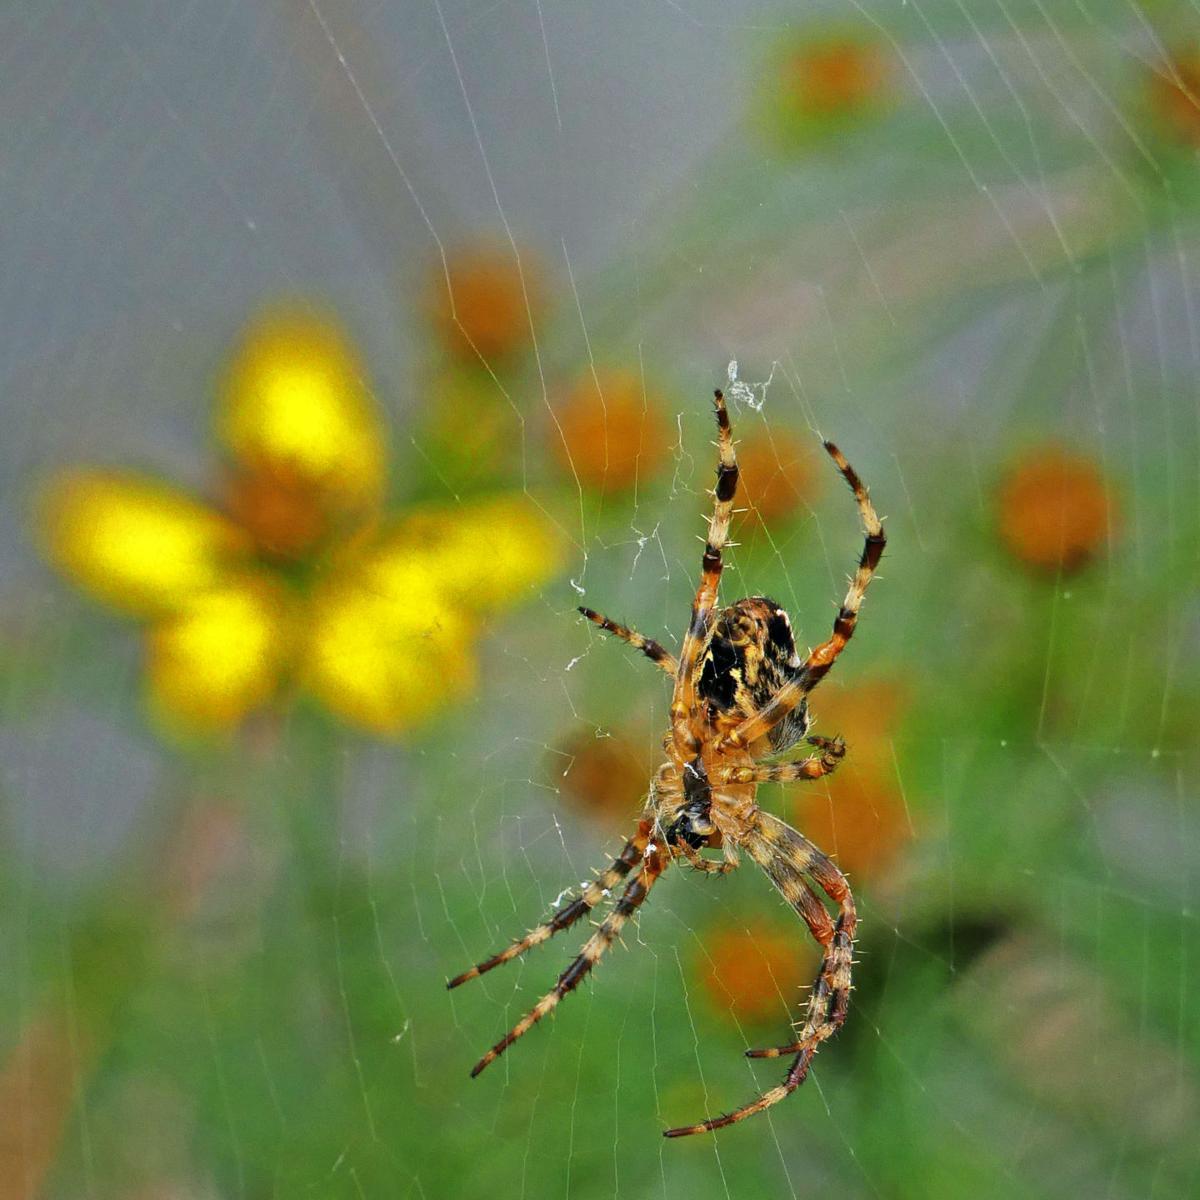 090719 STN Garden spider in web 361.JPG